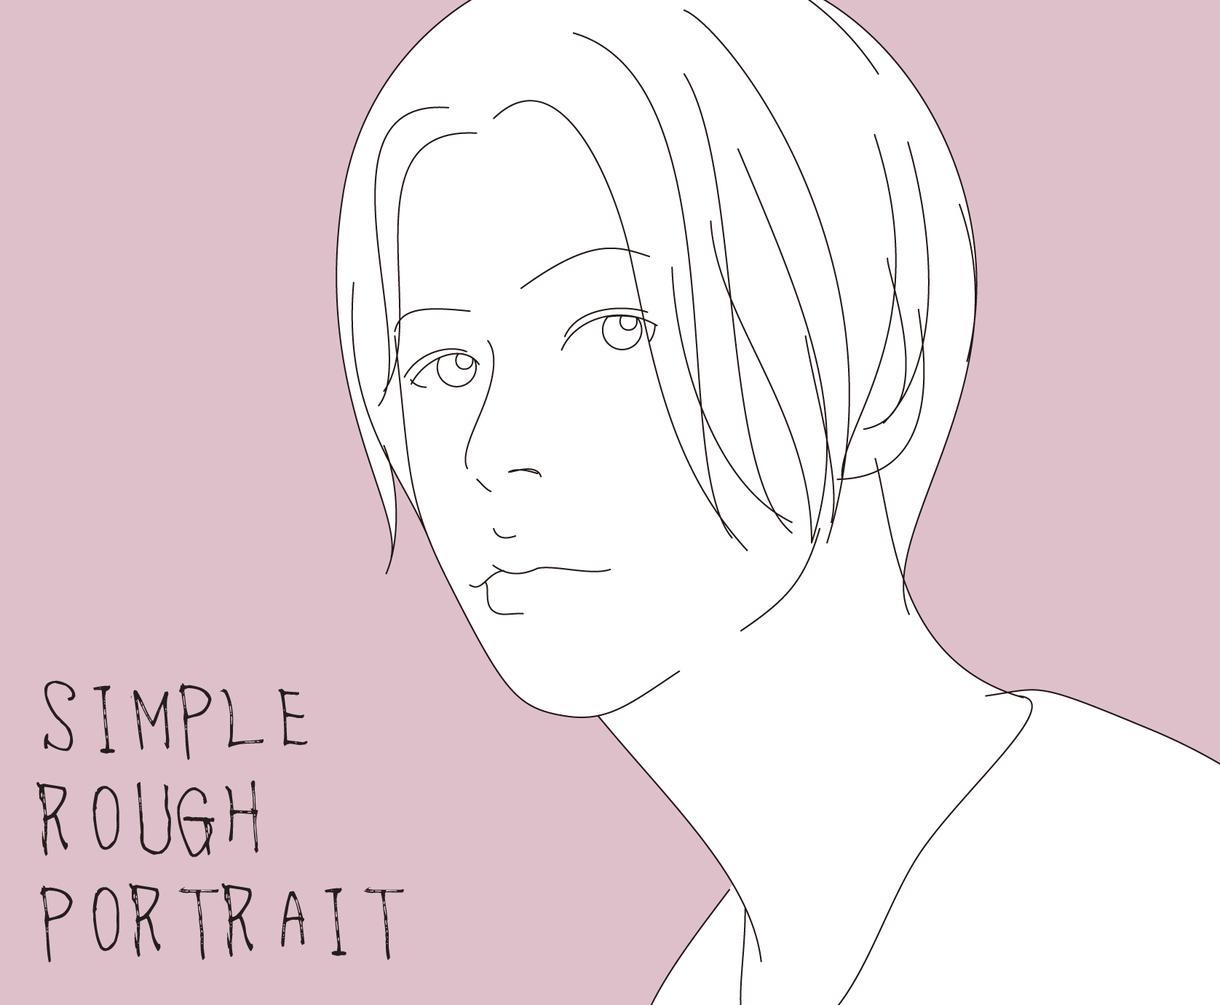 Skyeの「しんぷるらふな似顔絵」承ります 世界で一つのしんぷるでラフな似顔絵はいかがでしょうか? イメージ1